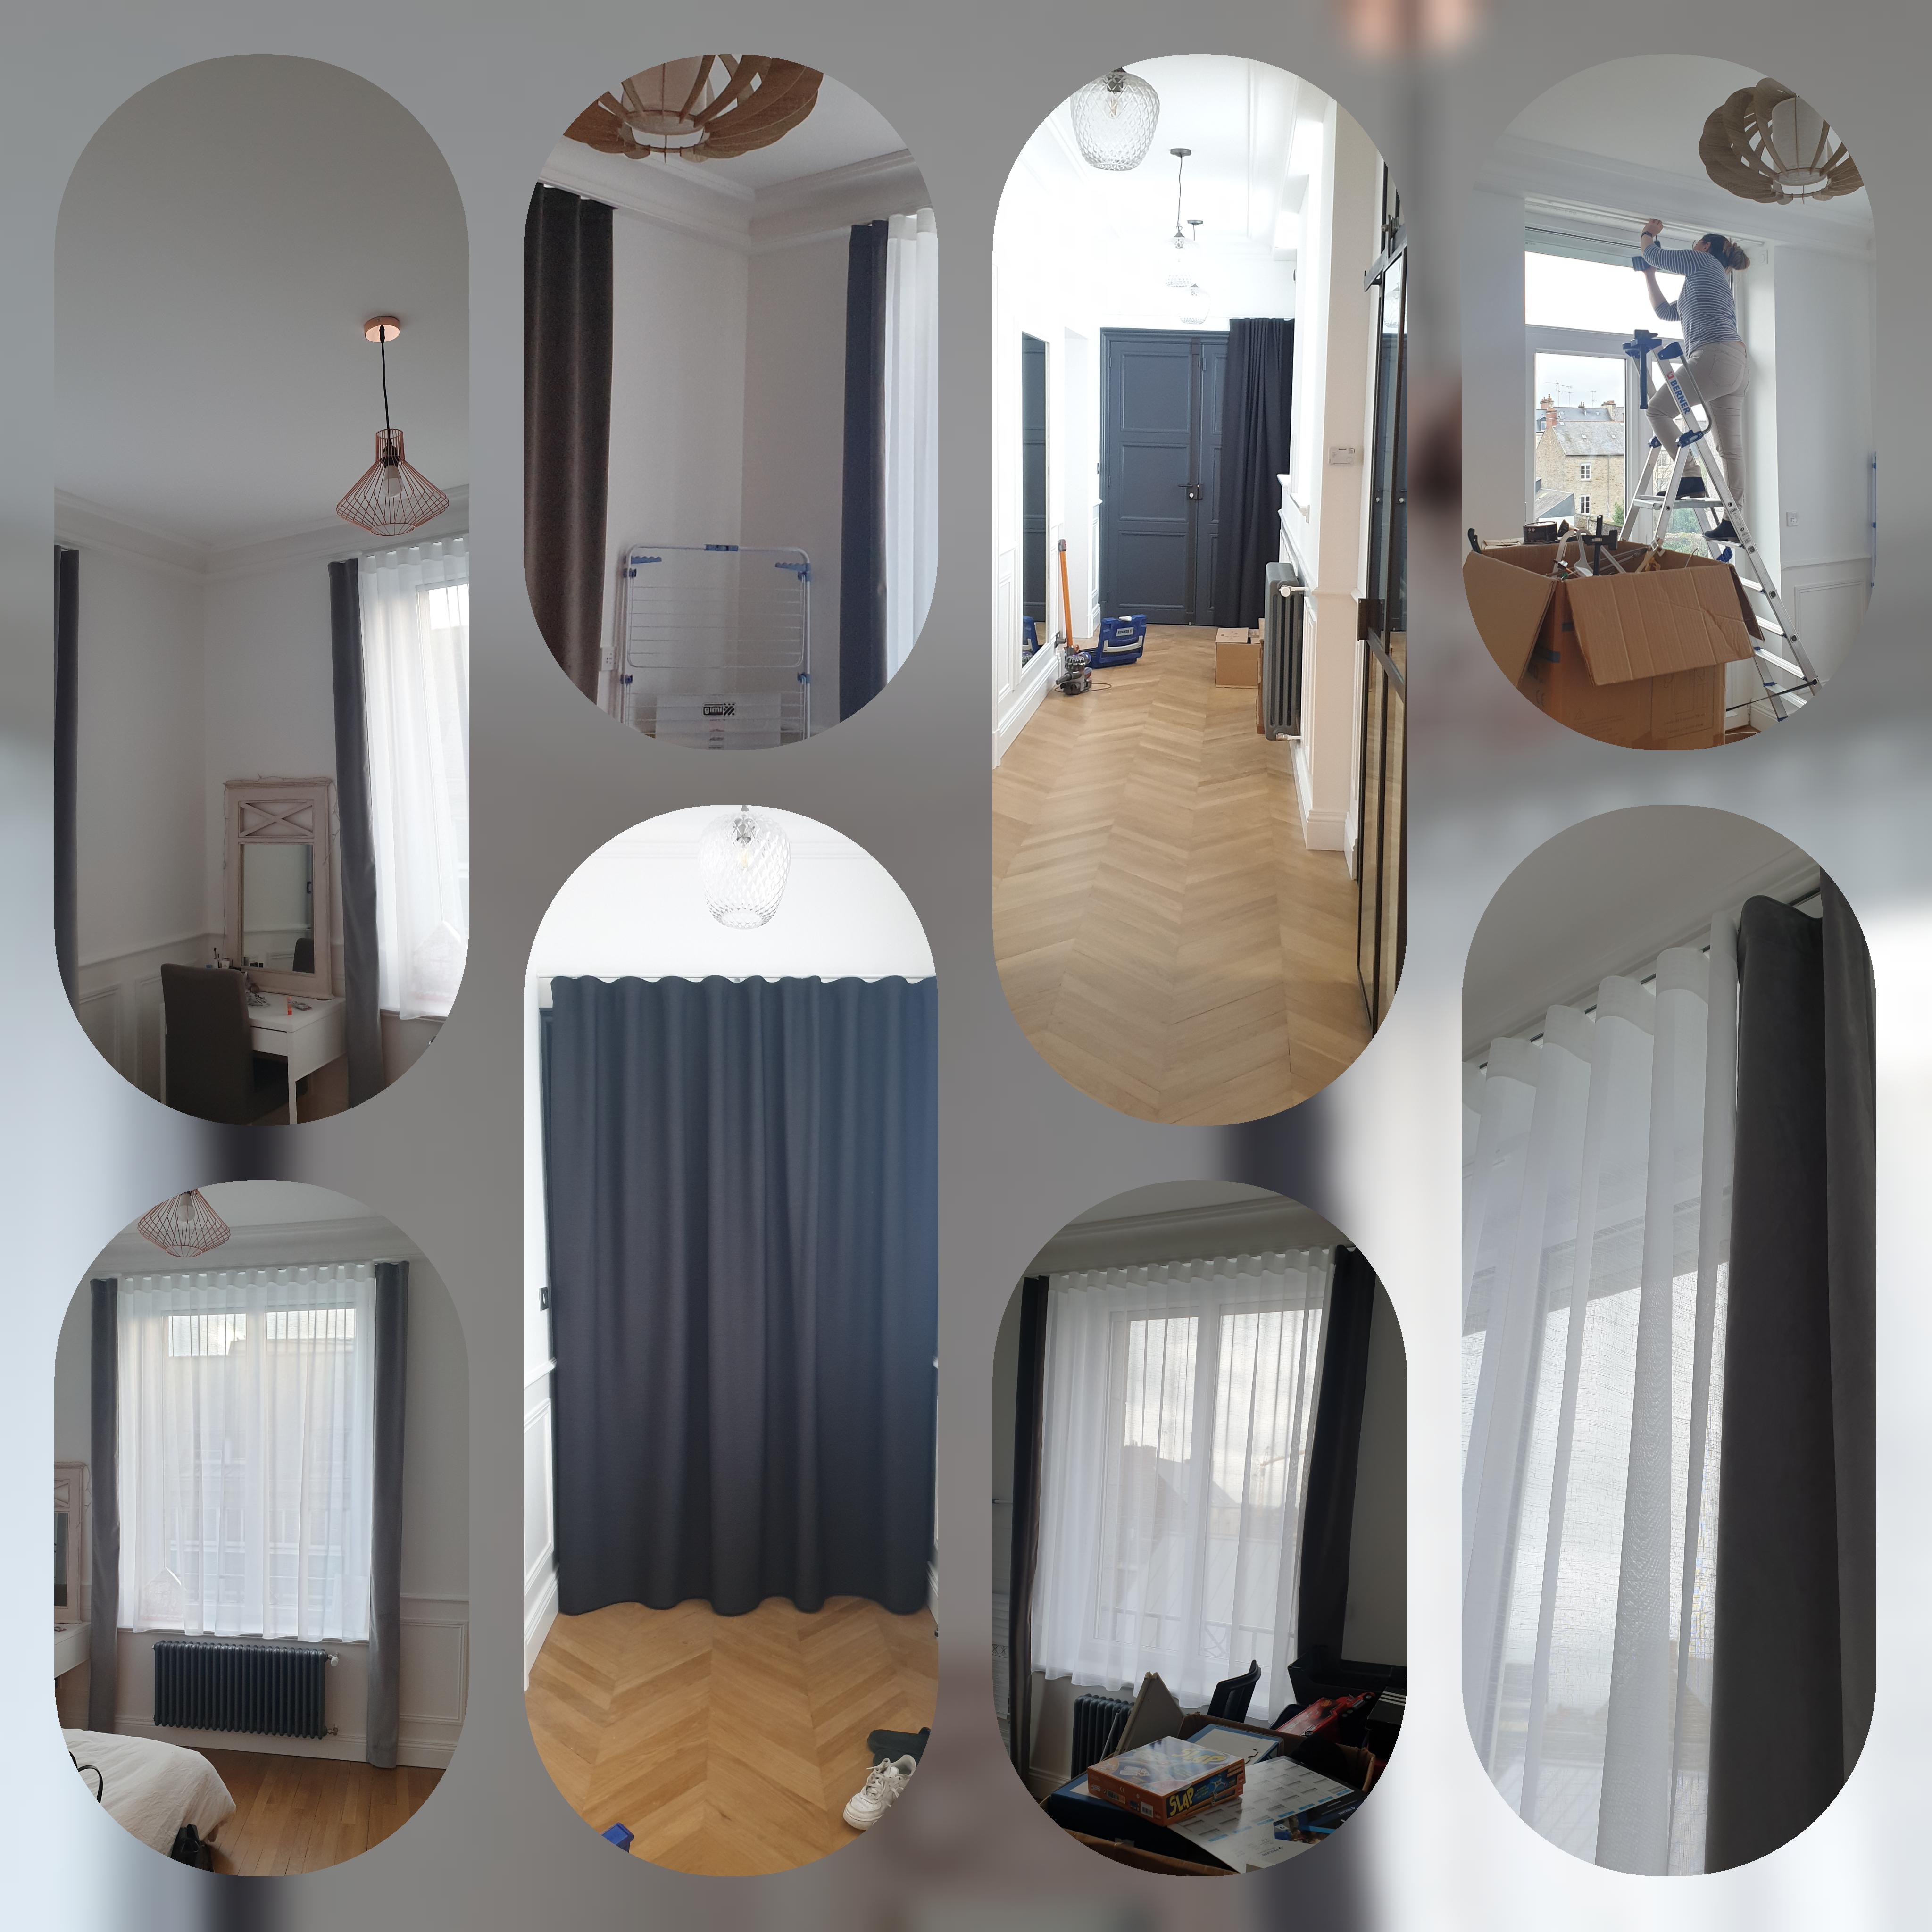 Galerie d'image - La Rideliere